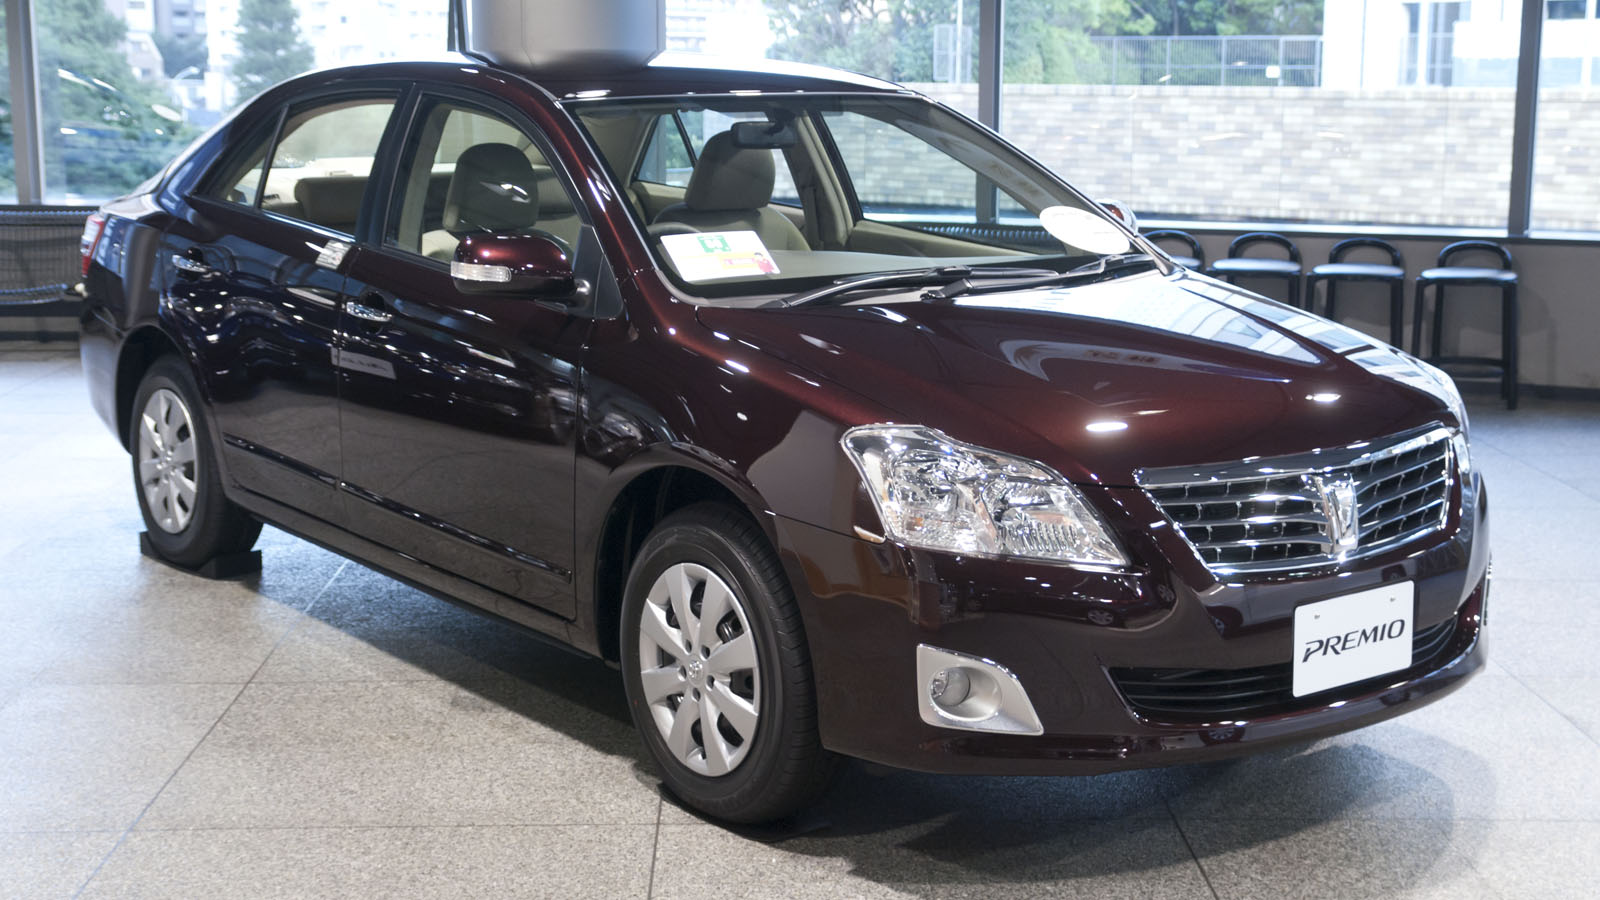 2010_Toyota_Premio_01